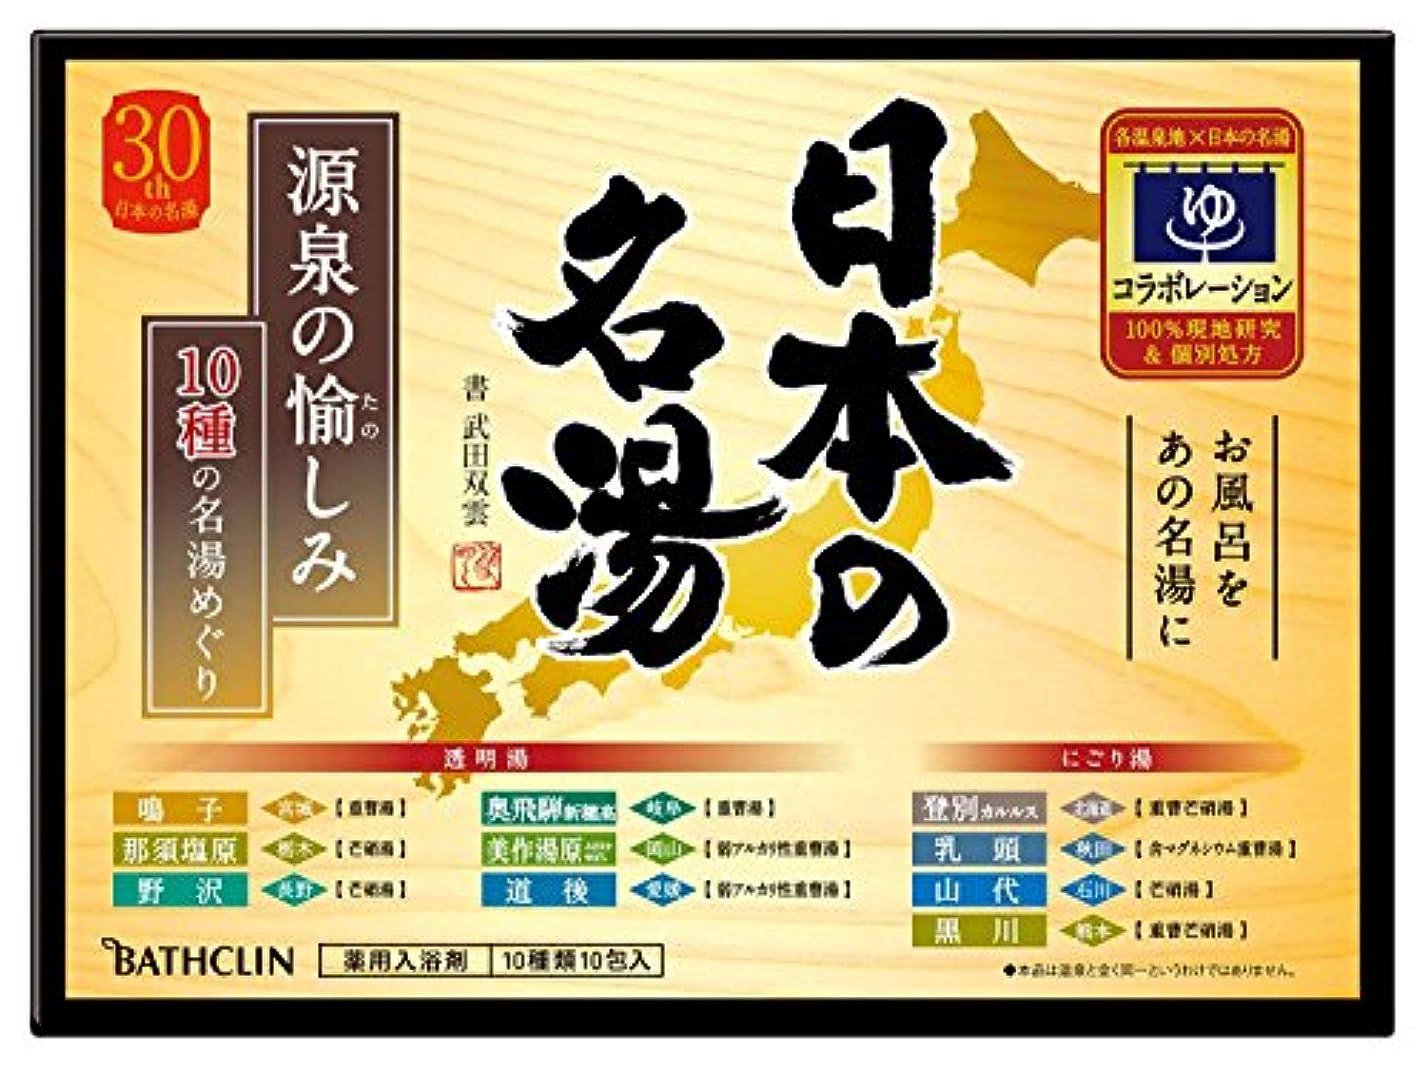 心理的砲撃倒産【医薬部外品】日本の名湯入浴剤 源泉の愉しみ 30g ×10包 個包装 詰め合わせ 温泉タイプ